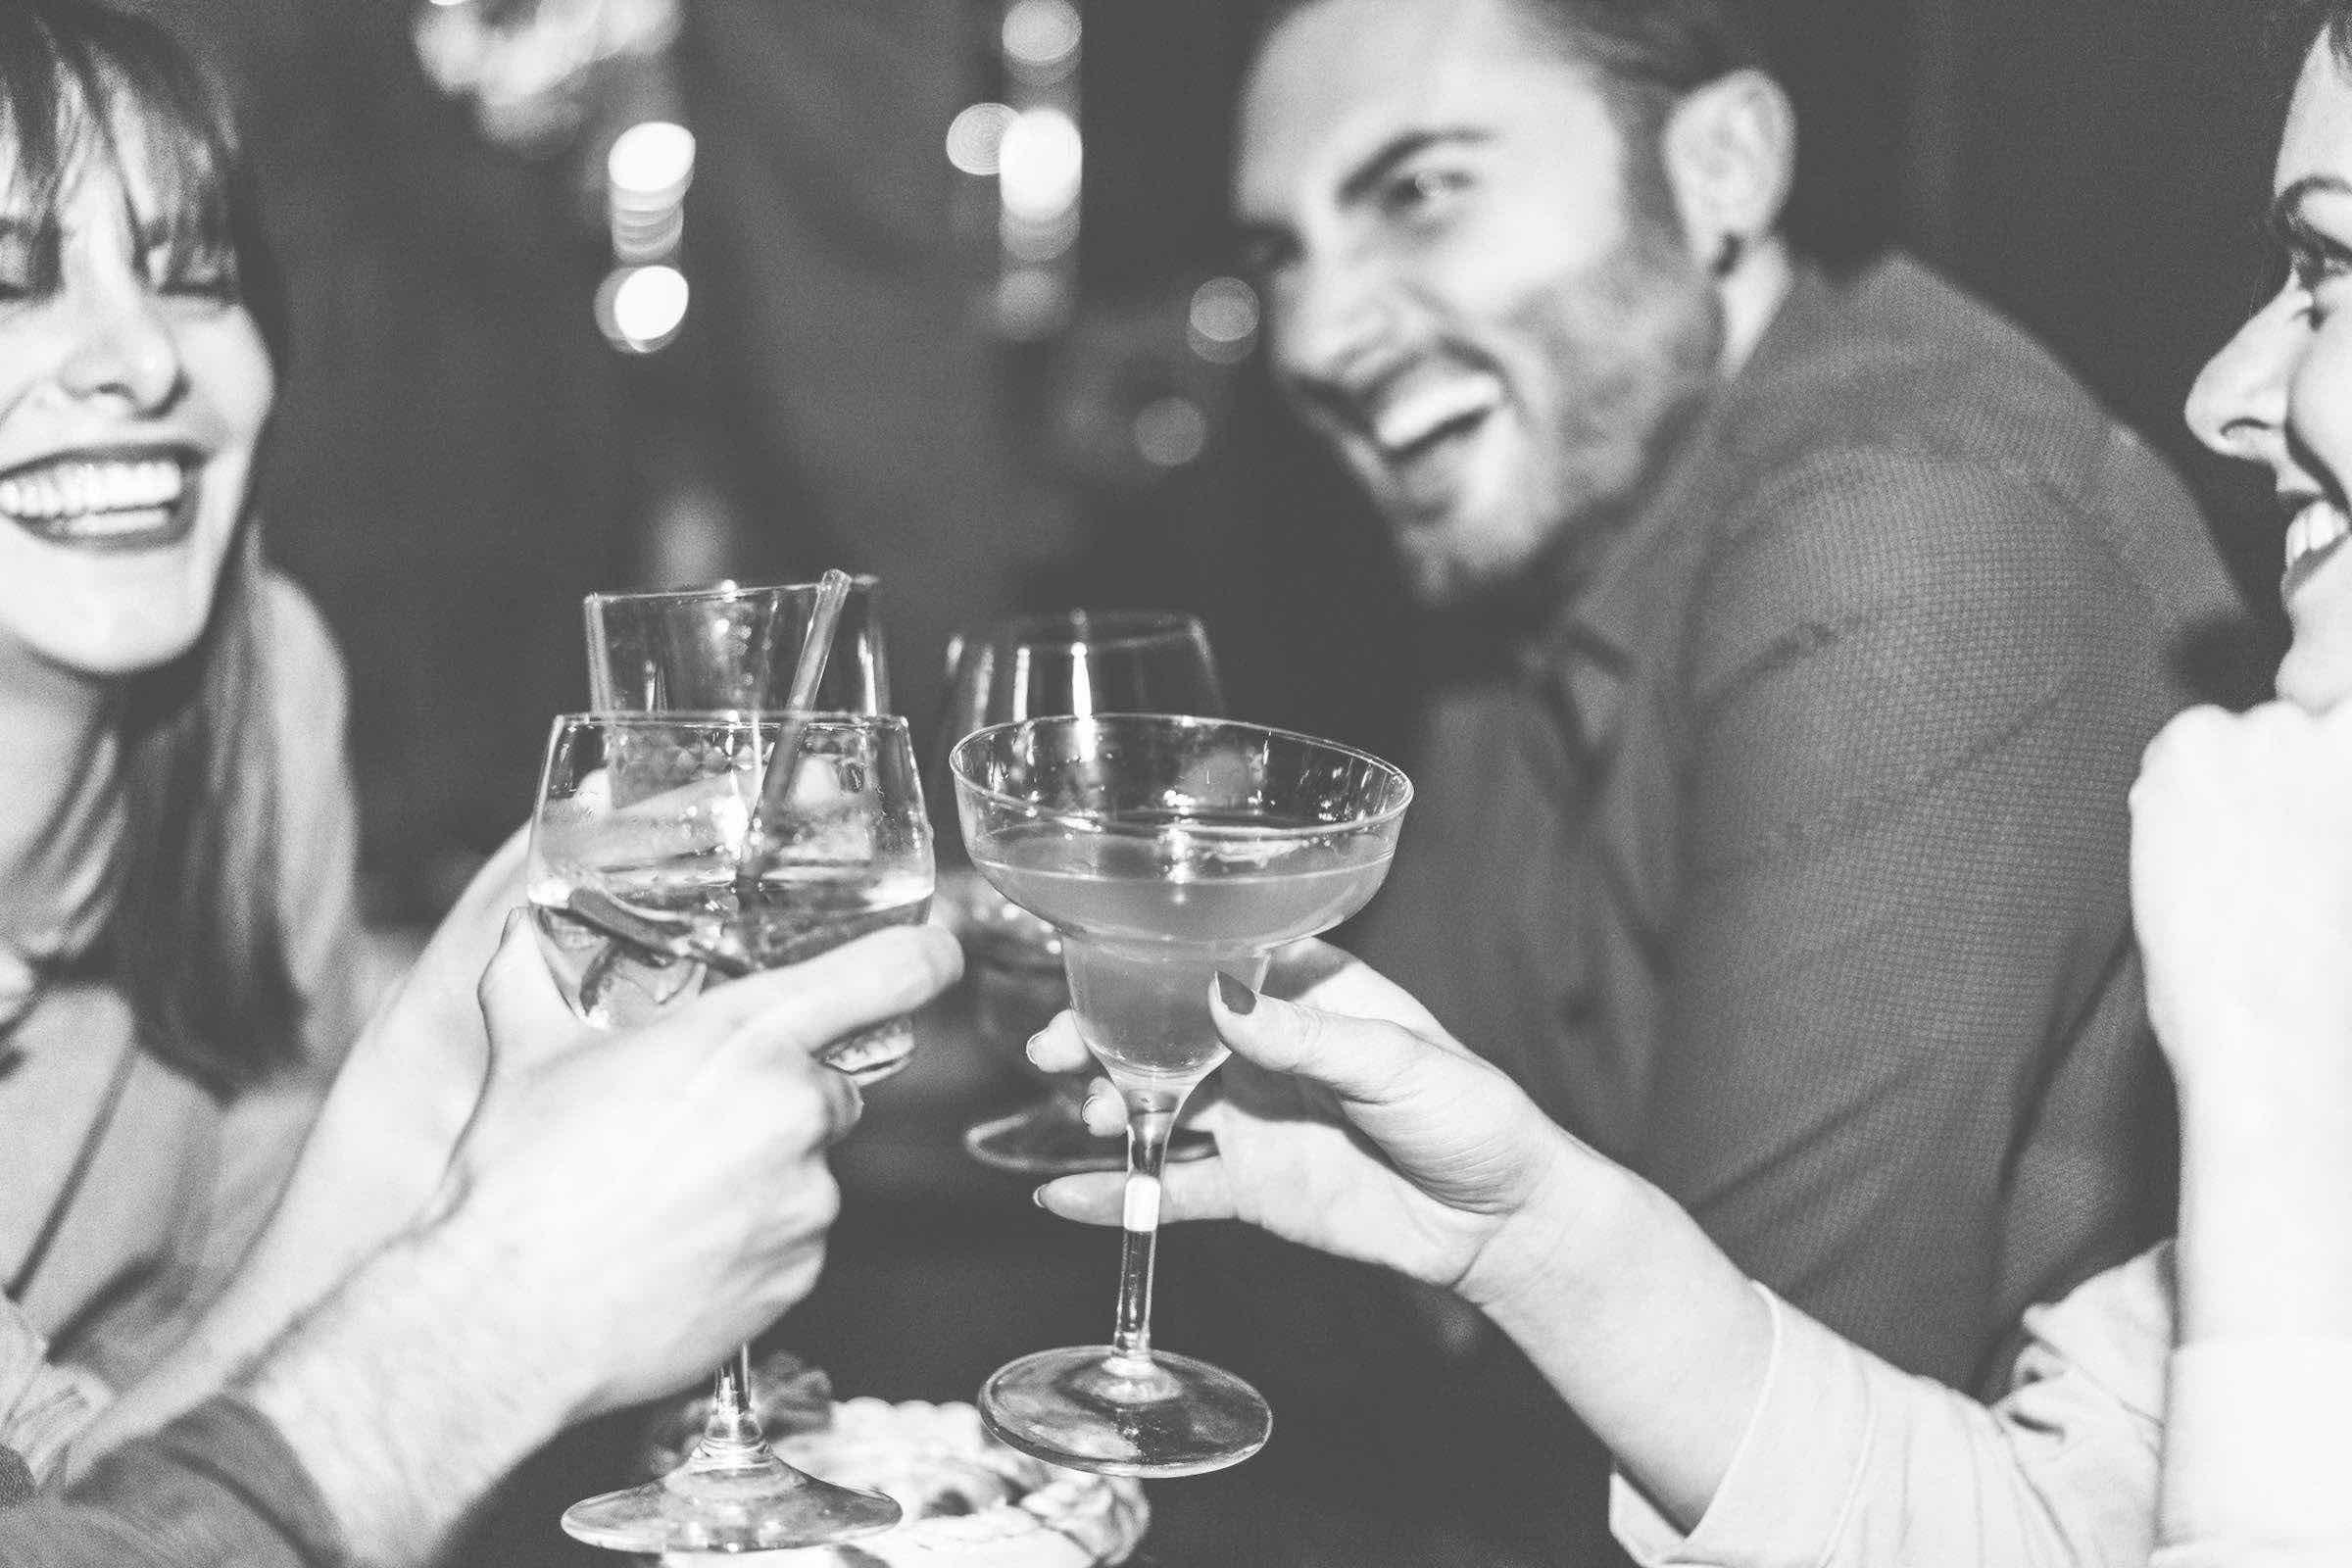 Mobile | Cocktailbar | Hochzeit | Hamburg | Sektempfang | Barkeeper | Mieten | Geburtstag | Ape | VW | Bar | Getränke | Catering | Foodtruck | Ginbar | Weinbar | Sektbar | Kaffeebar | Messe | Hamburgfeiert